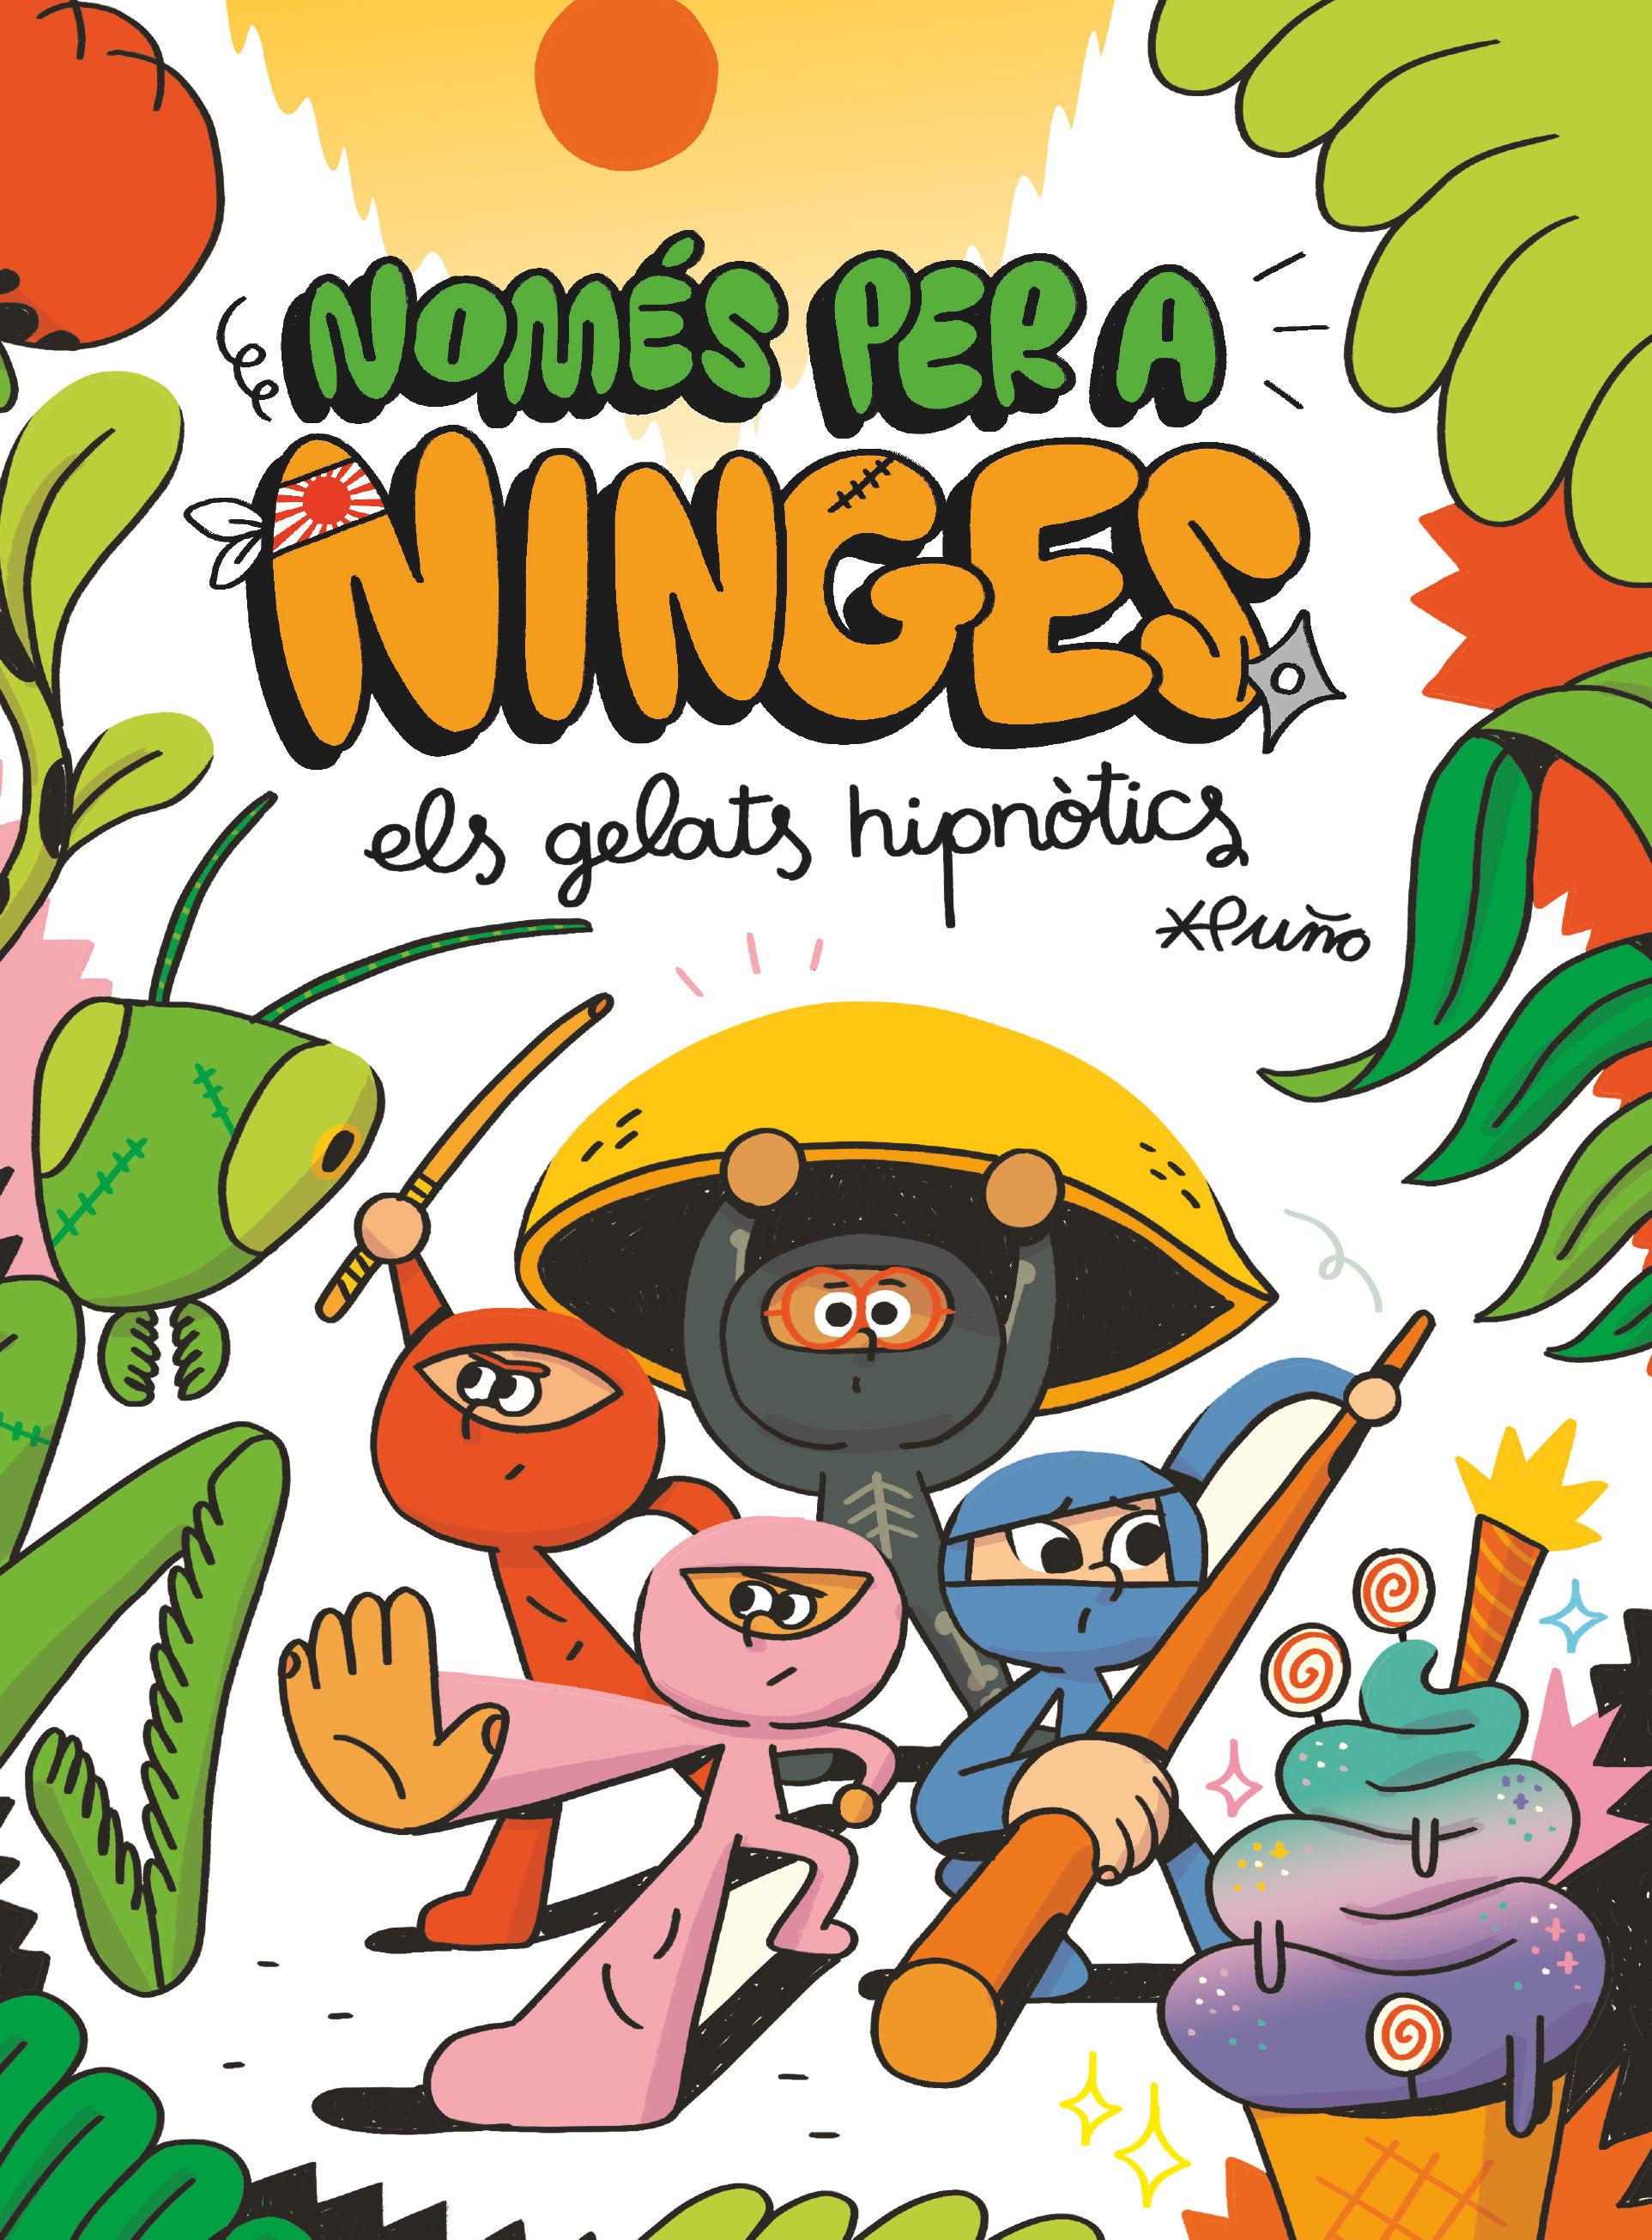 NOMES PER A NINGES 2 ELS GELATS HIPNOTICS